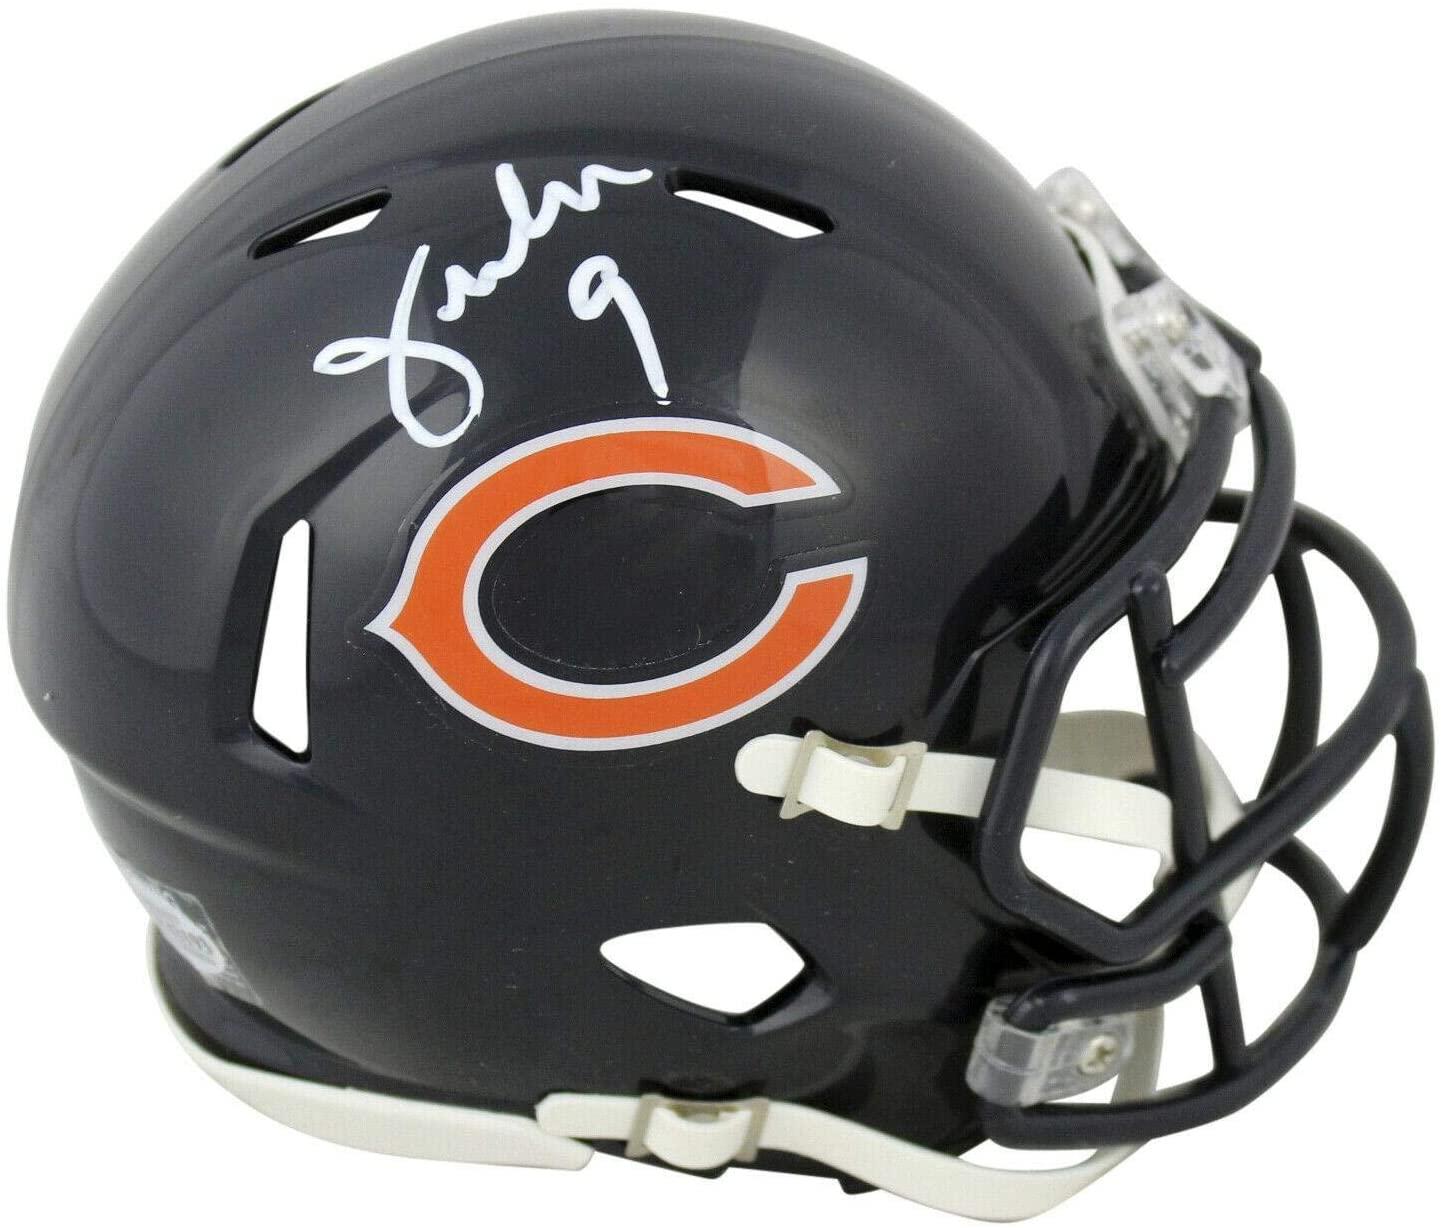 Jim McMahon Signed Mini Helmet - Speed BAS Witnessed - Beckett Authentication - Autographed NFL Mini Helmets